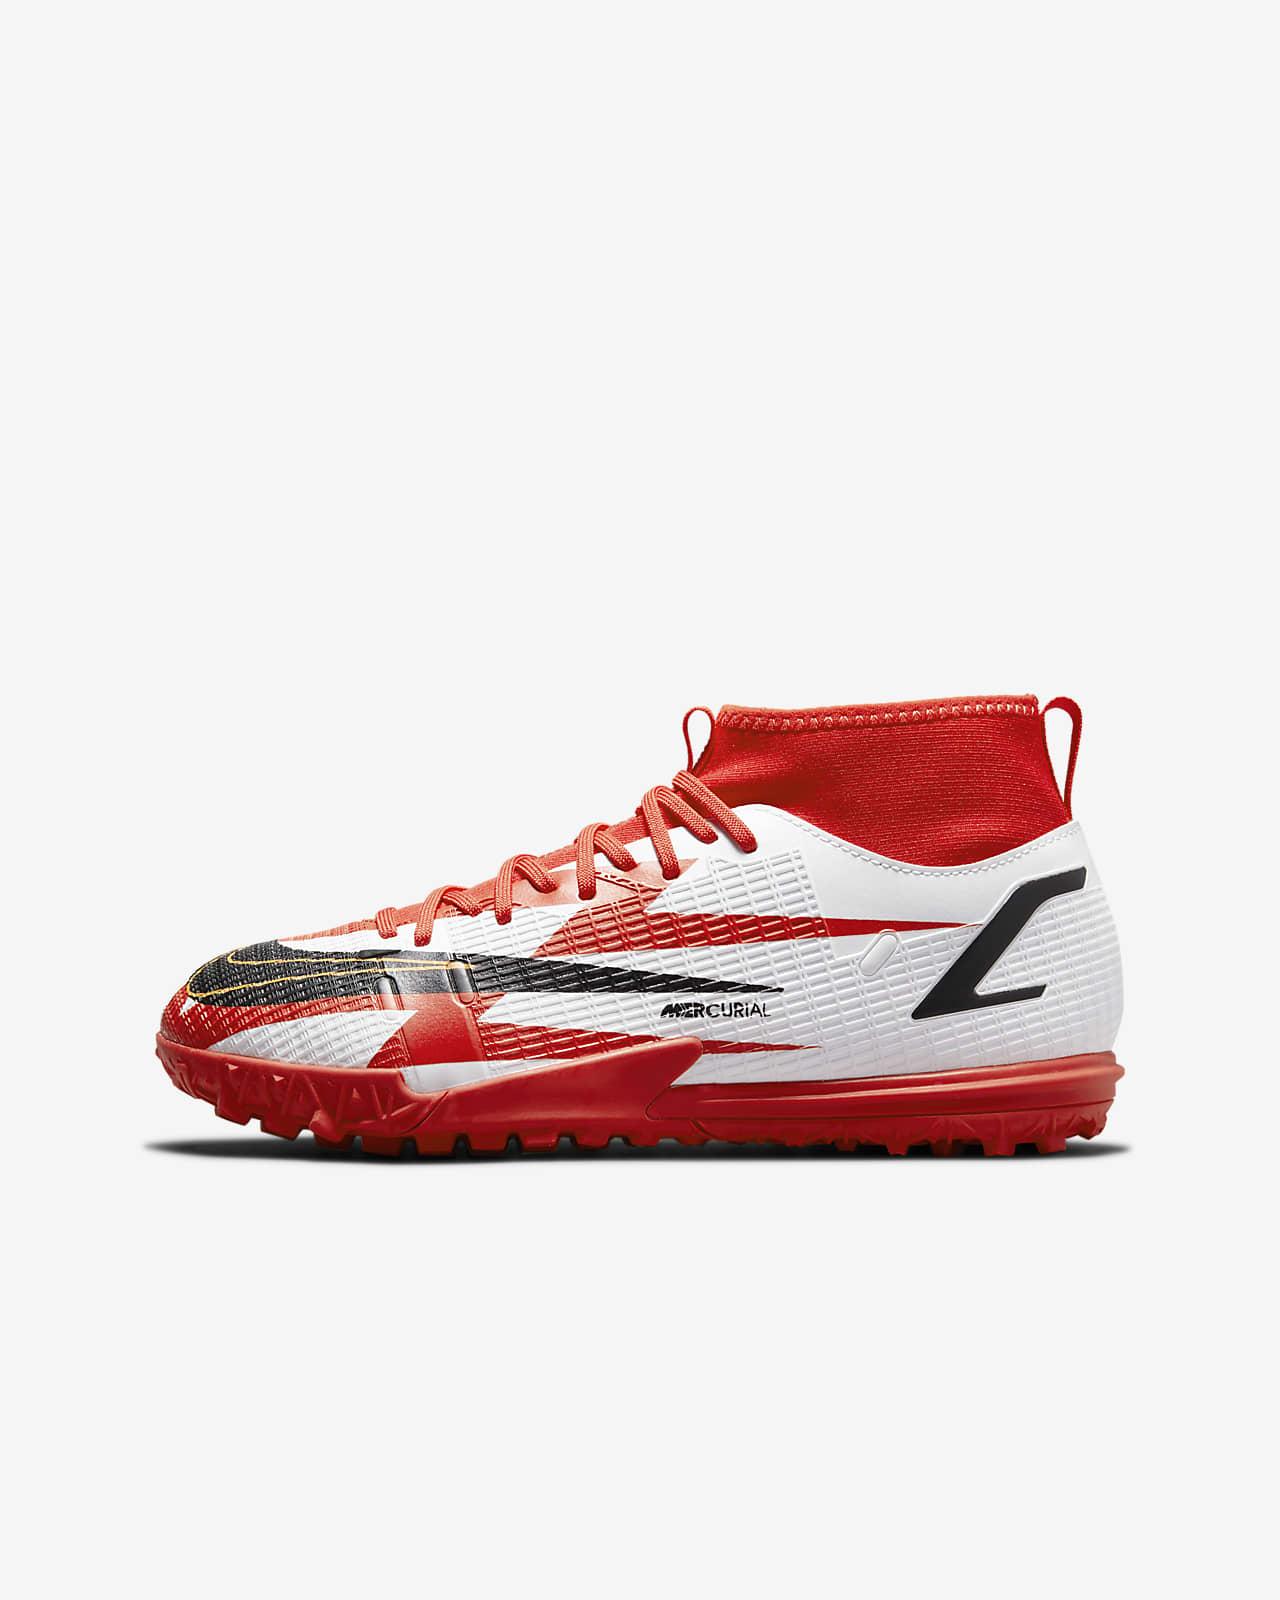 รองเท้าฟุตบอลเด็กเล็ก/โตสำหรับพื้นสนามหญ้าเทียม Nike Jr. Mercurial Superfly 8 Academy CR7 TF